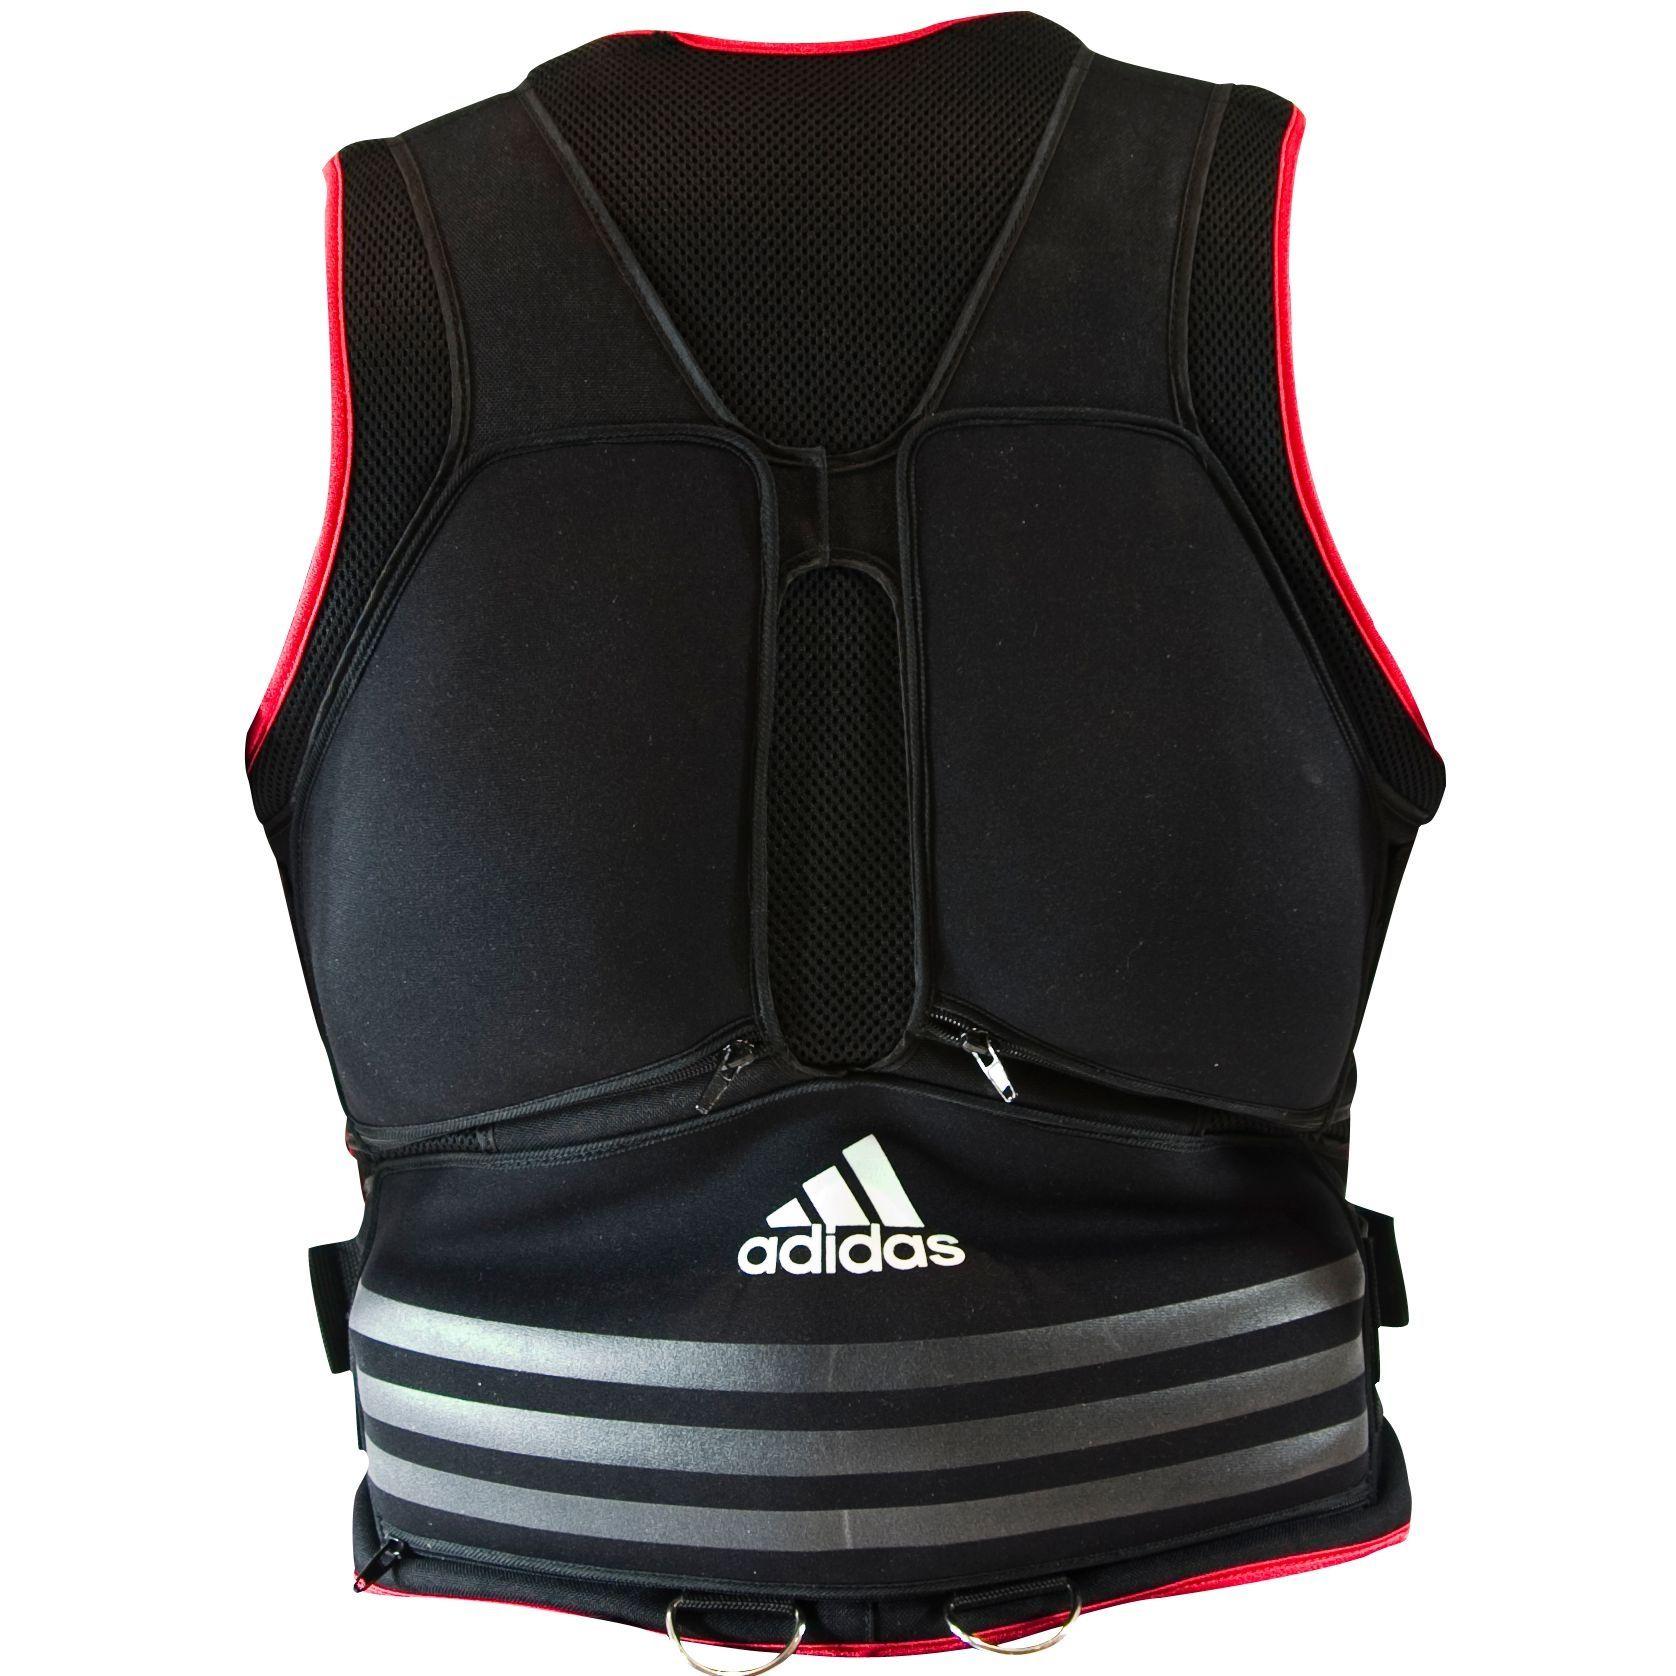 Adidas Weight Vest - Sweatband.com